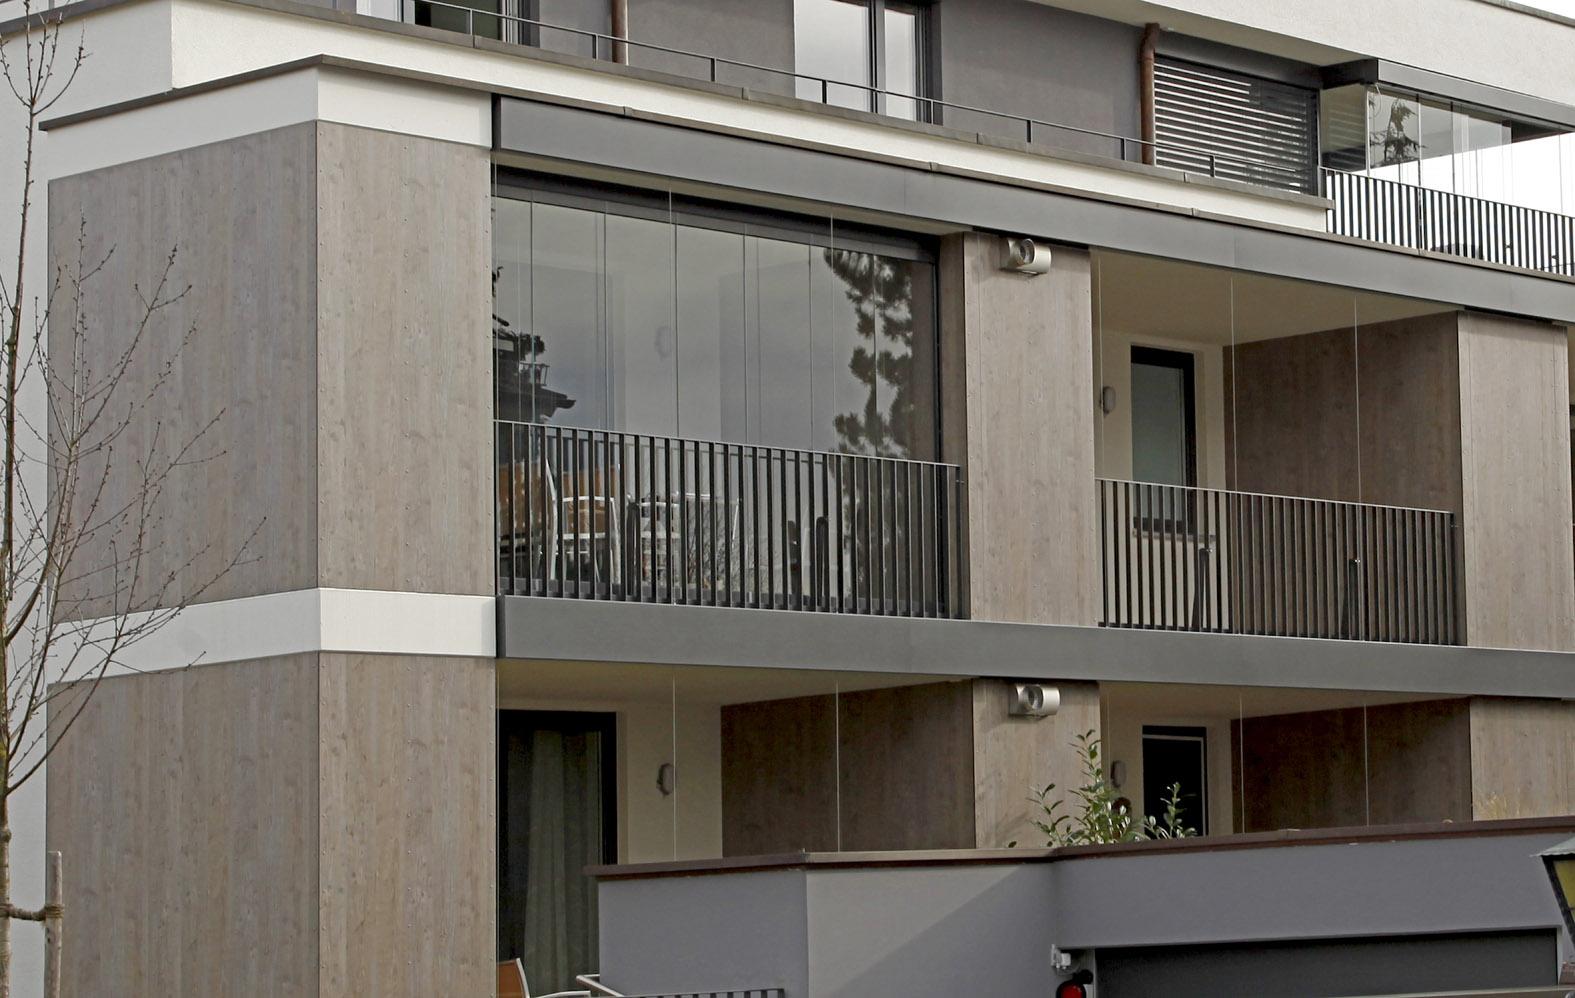 Extrem Geländer & Absturzsicherungen für Balkone - Kliegl Treppenbau VG46